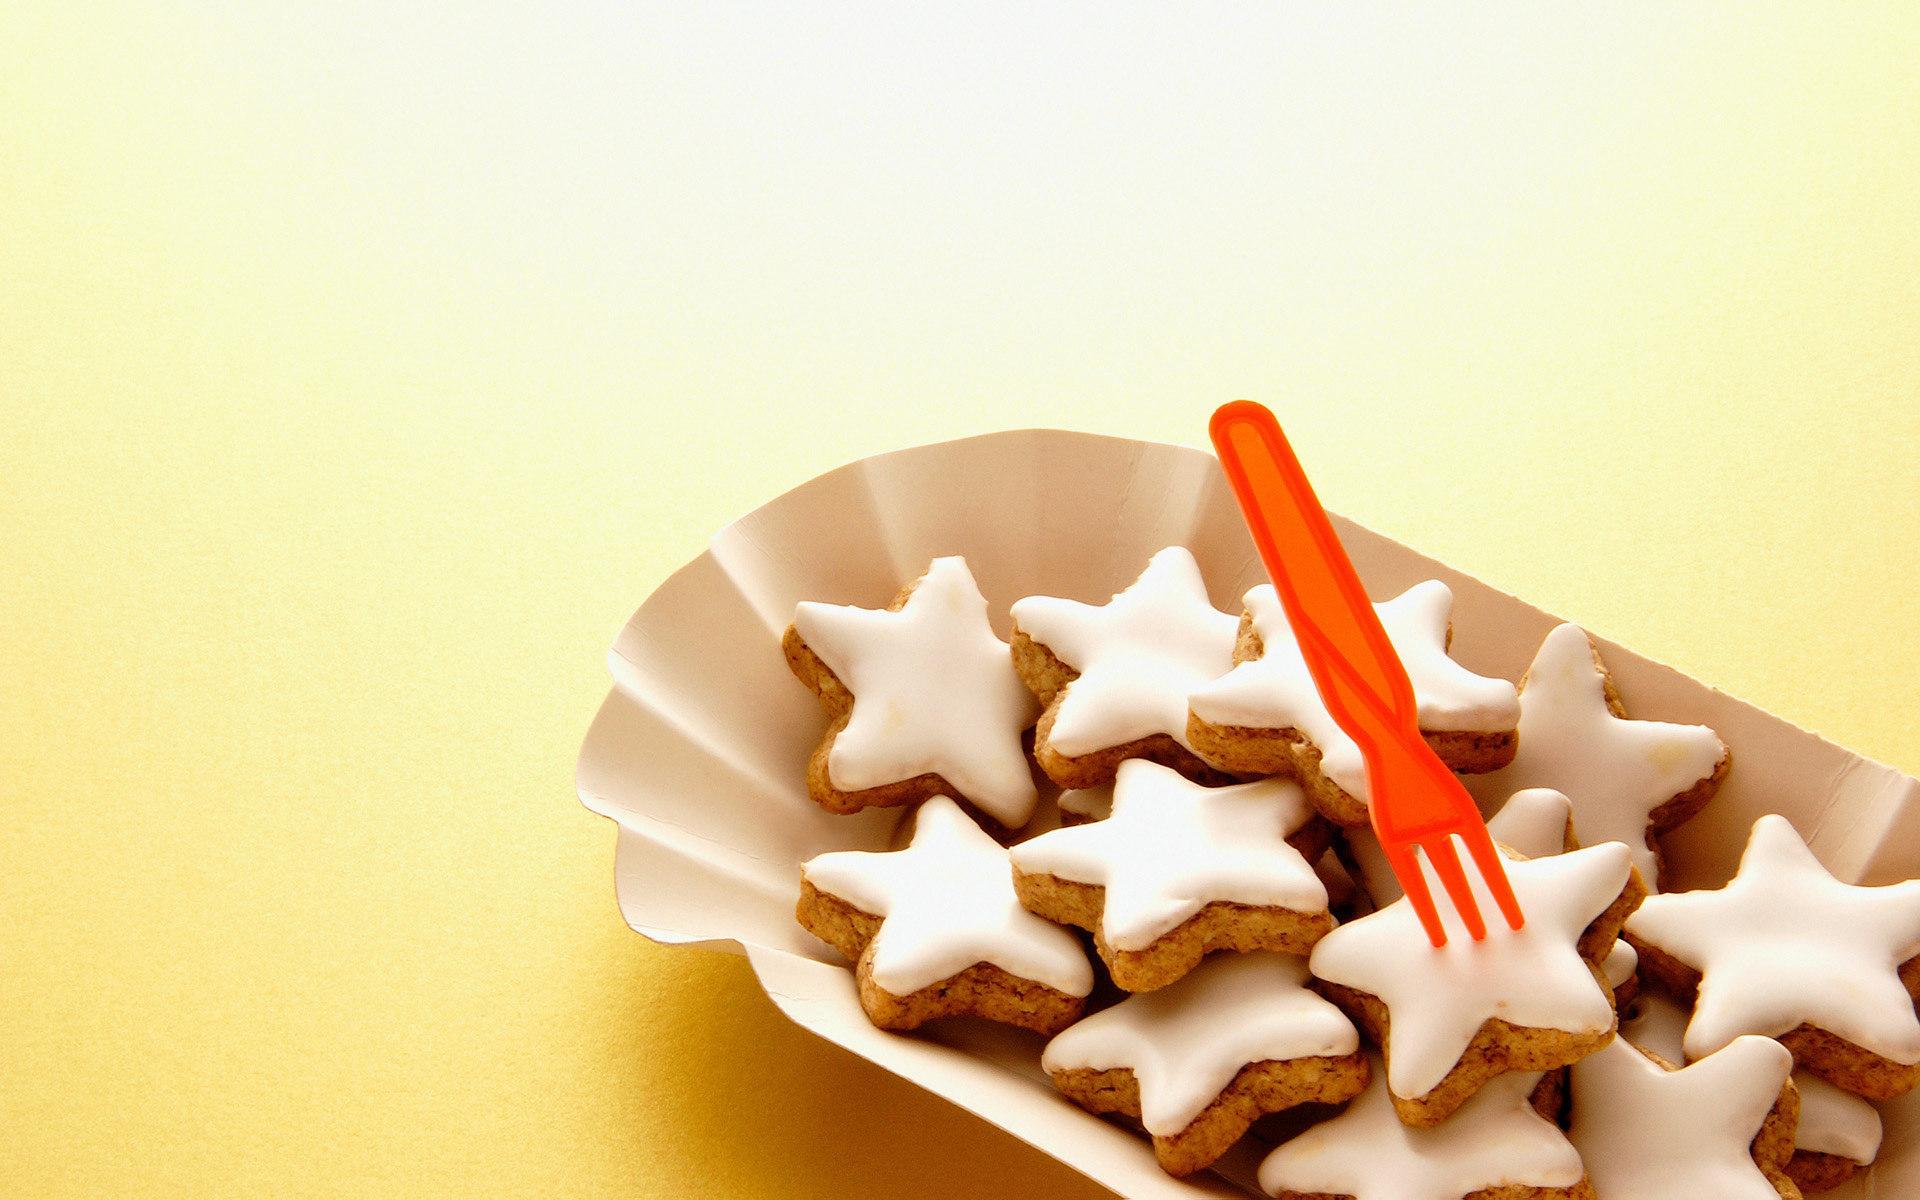 печенье звезды тарелка  № 2926822 загрузить